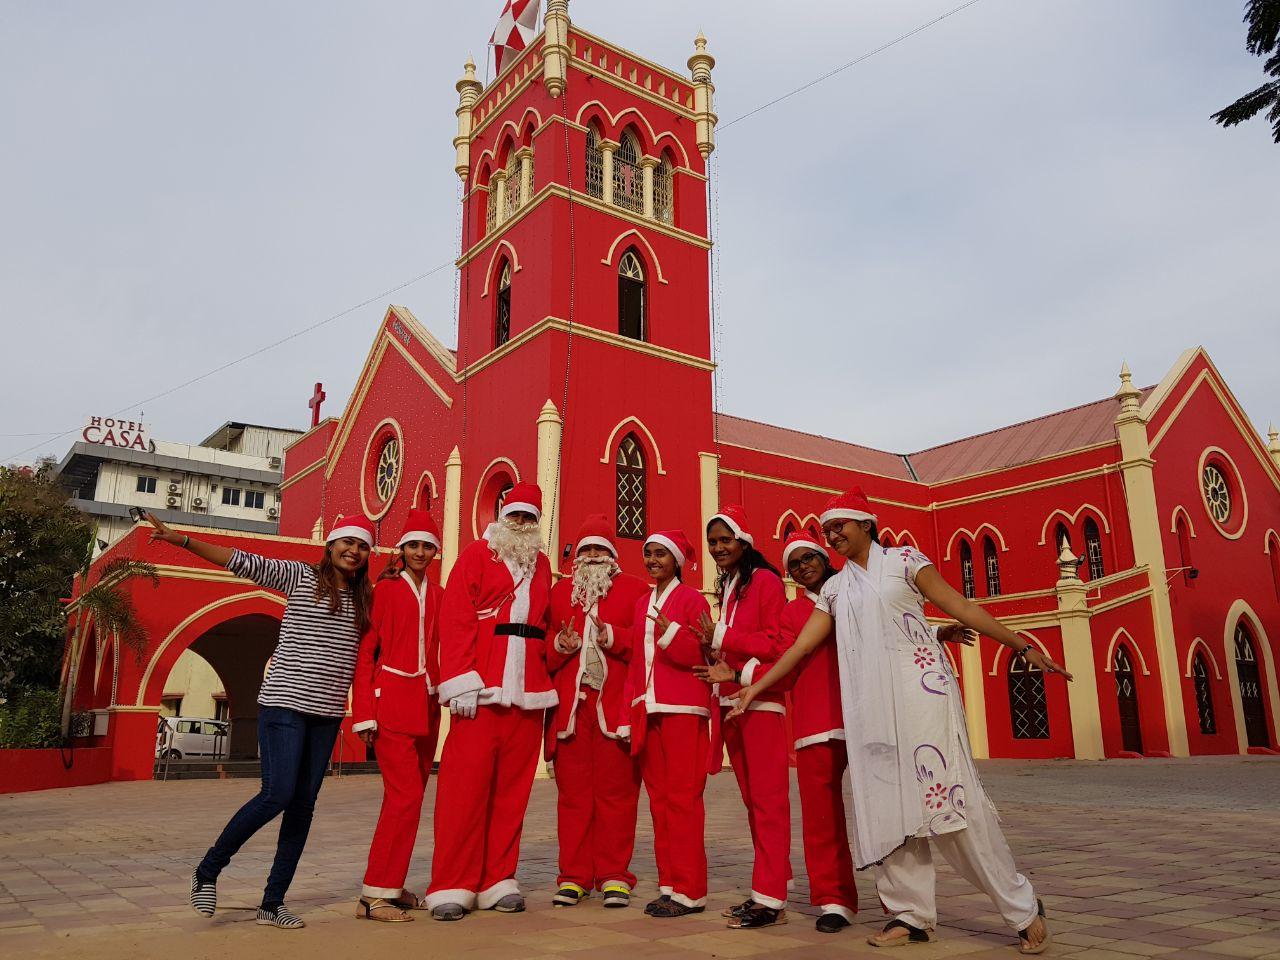 Vadodara is ready for Santa Parade on 23rd December